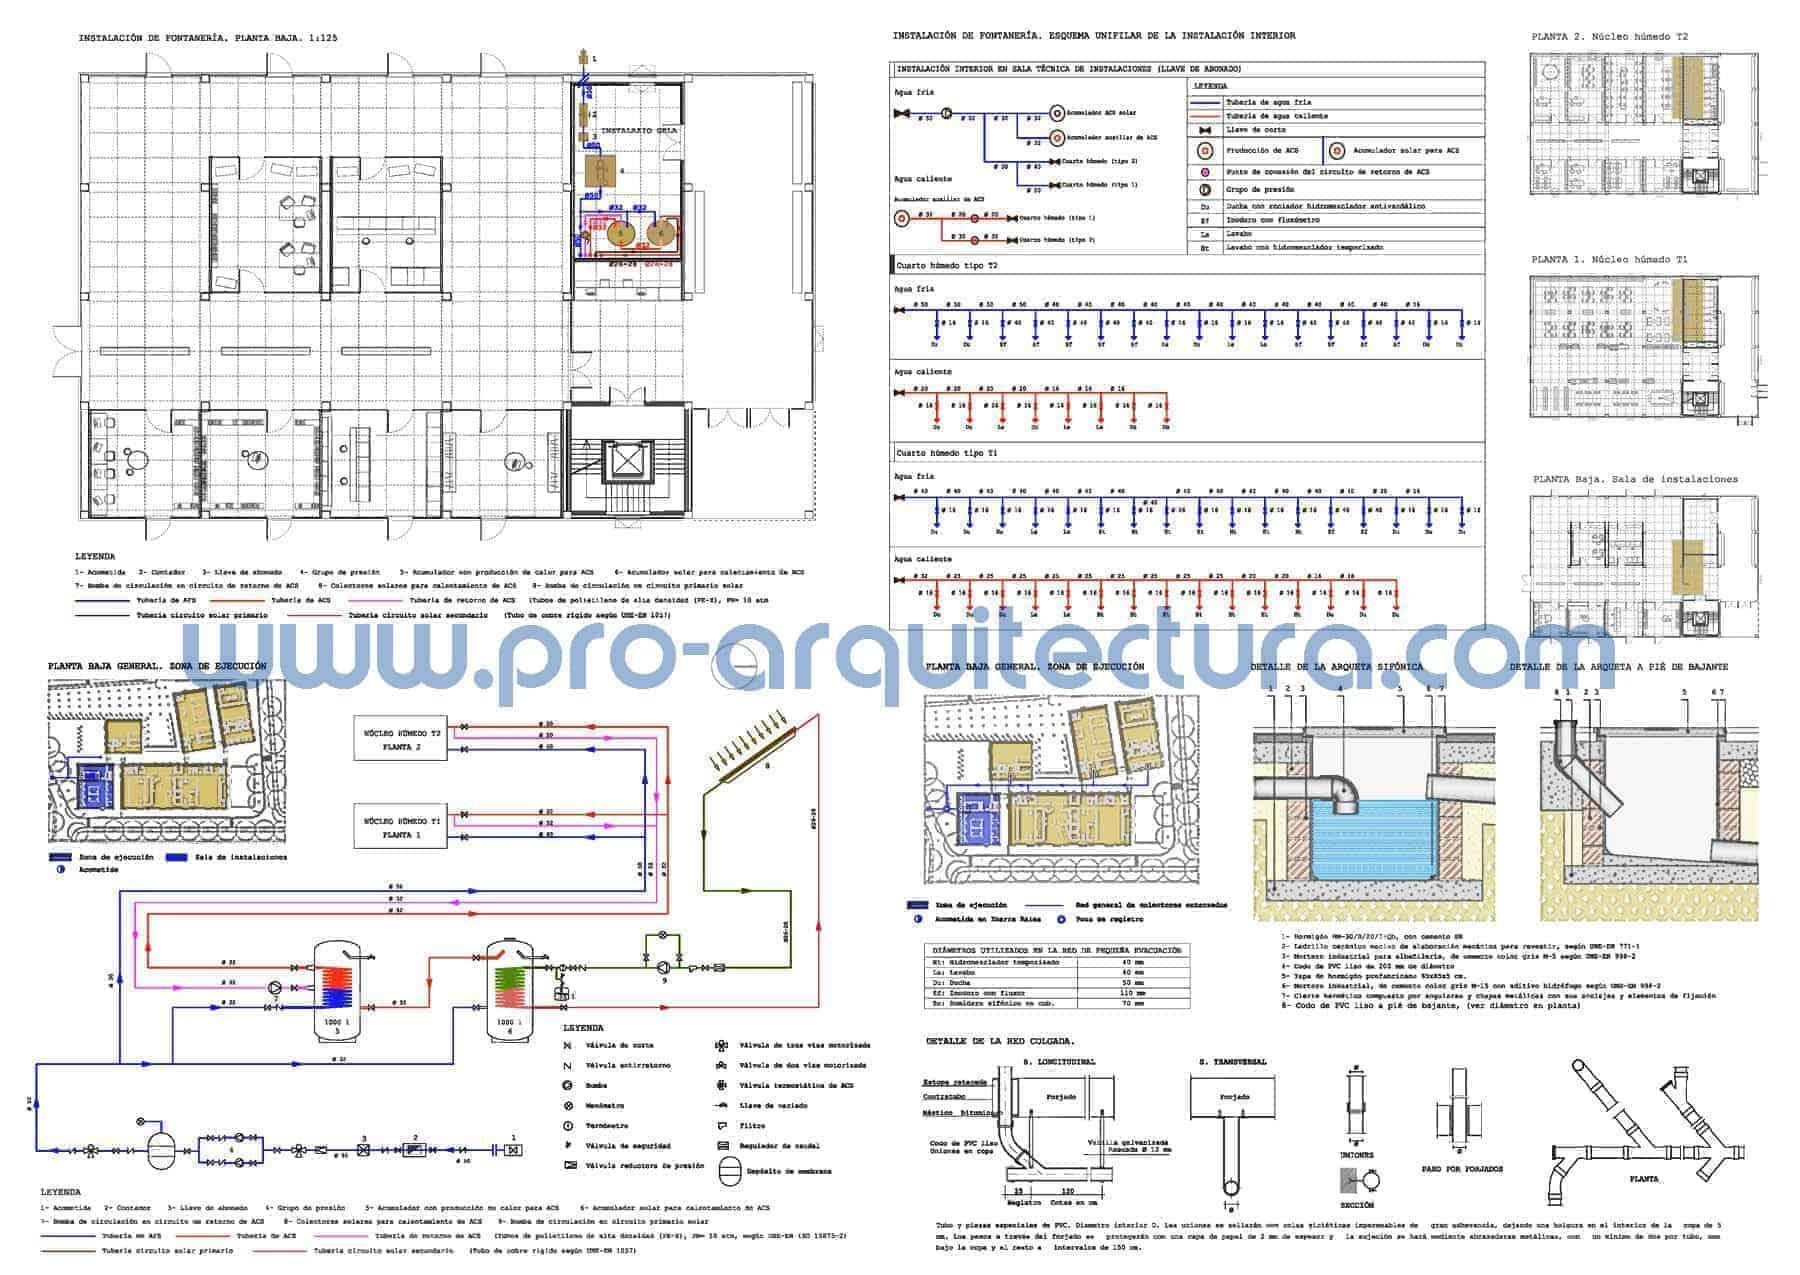 0016-03 Edificio de oficinas. Plano de instalación de fontanería. Tu ayuda con la entrega del pfc pfg tfg tfm de arquitectura.